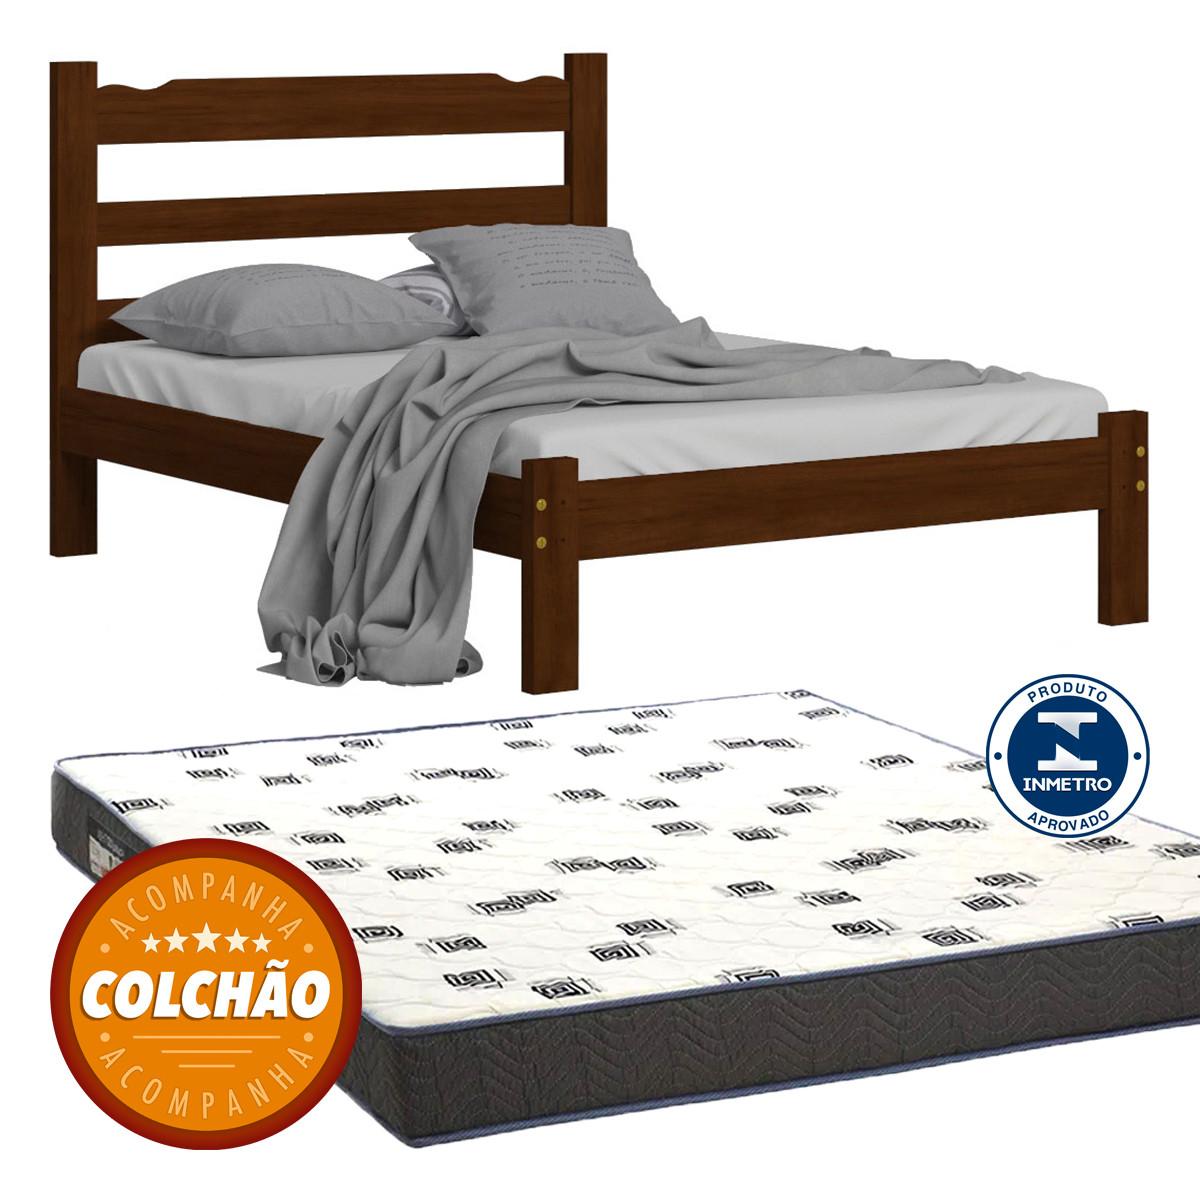 Cama Casal Cor Castanho + Colchao